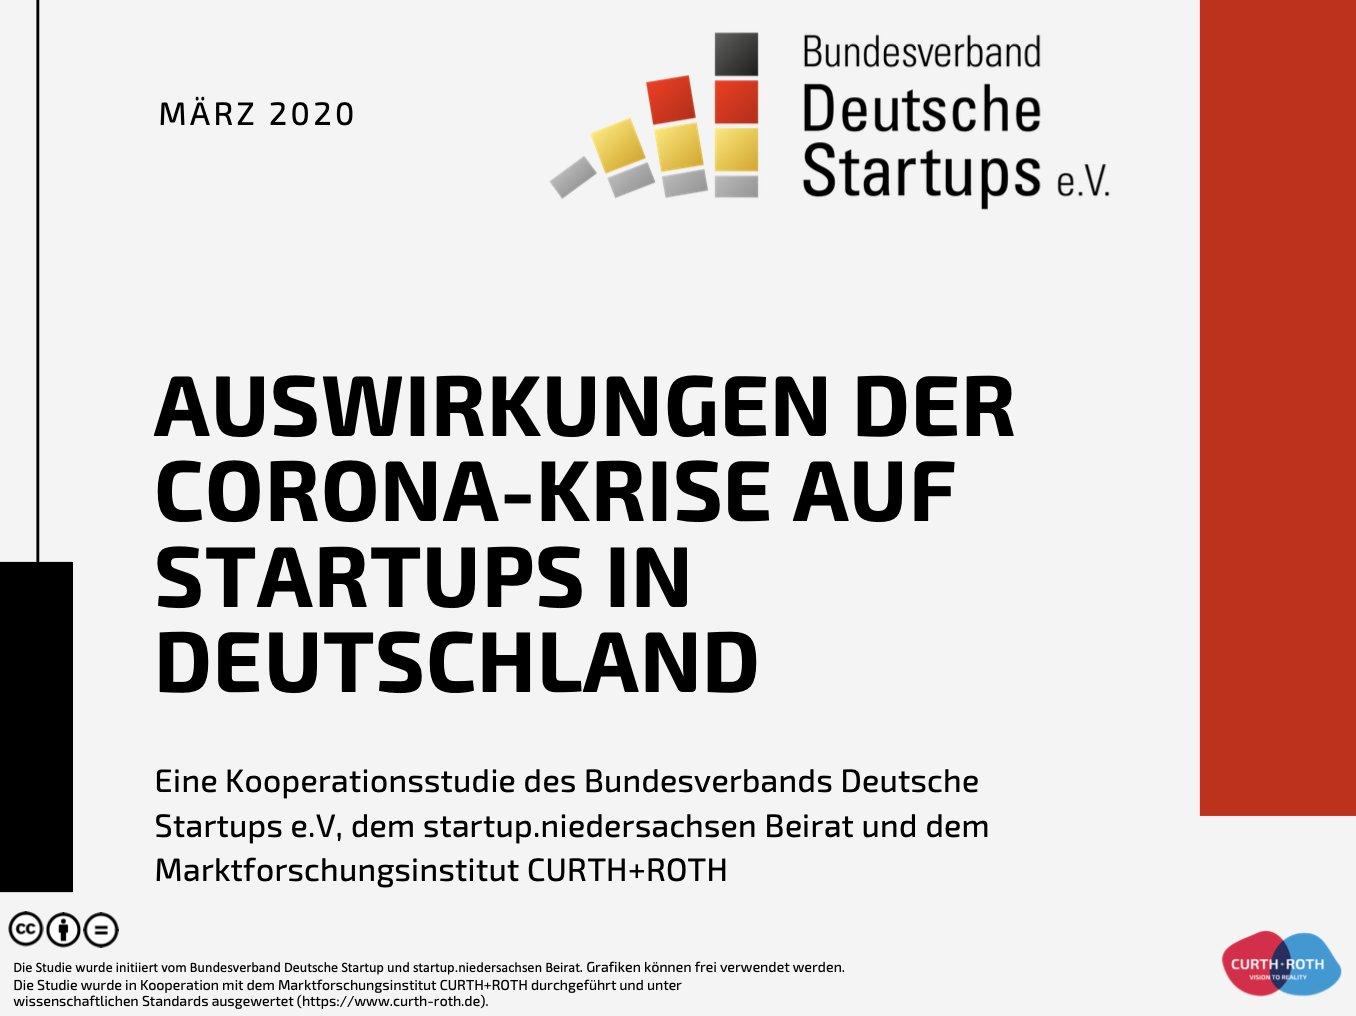 deutschestartups.org on Twitter